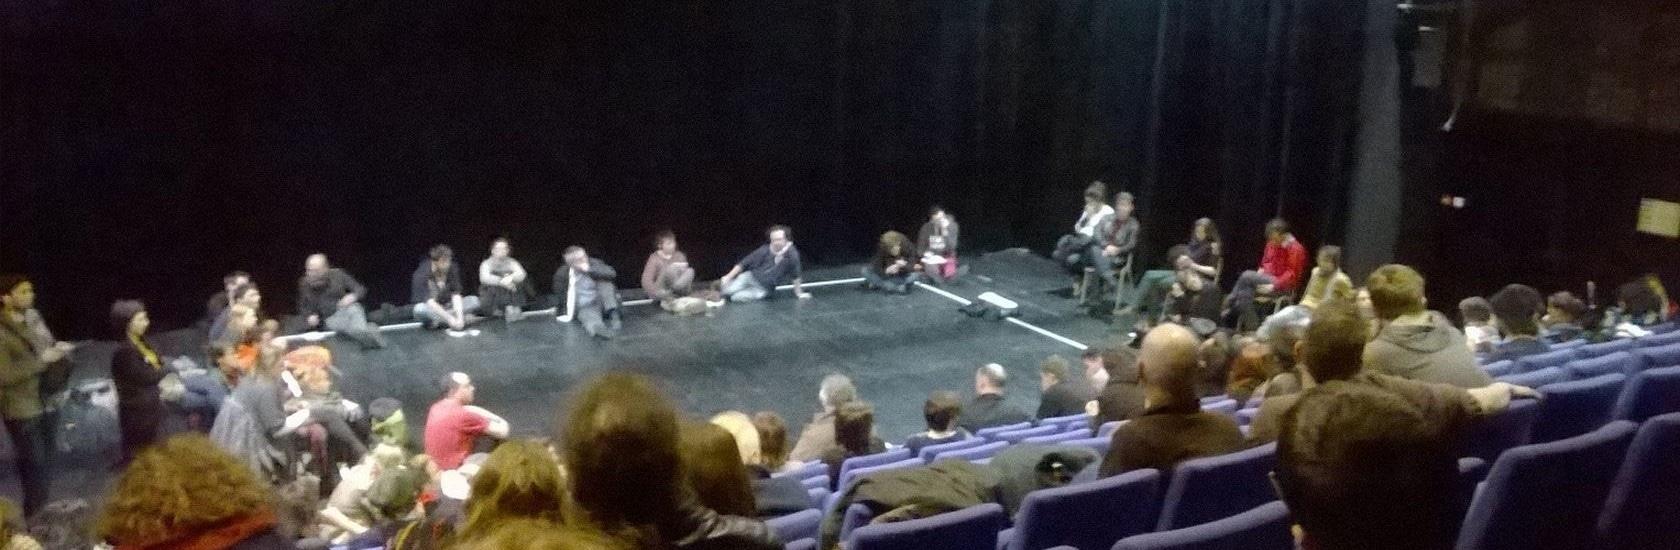 Des intermittents occupent le Théâtre national de Strasbourg